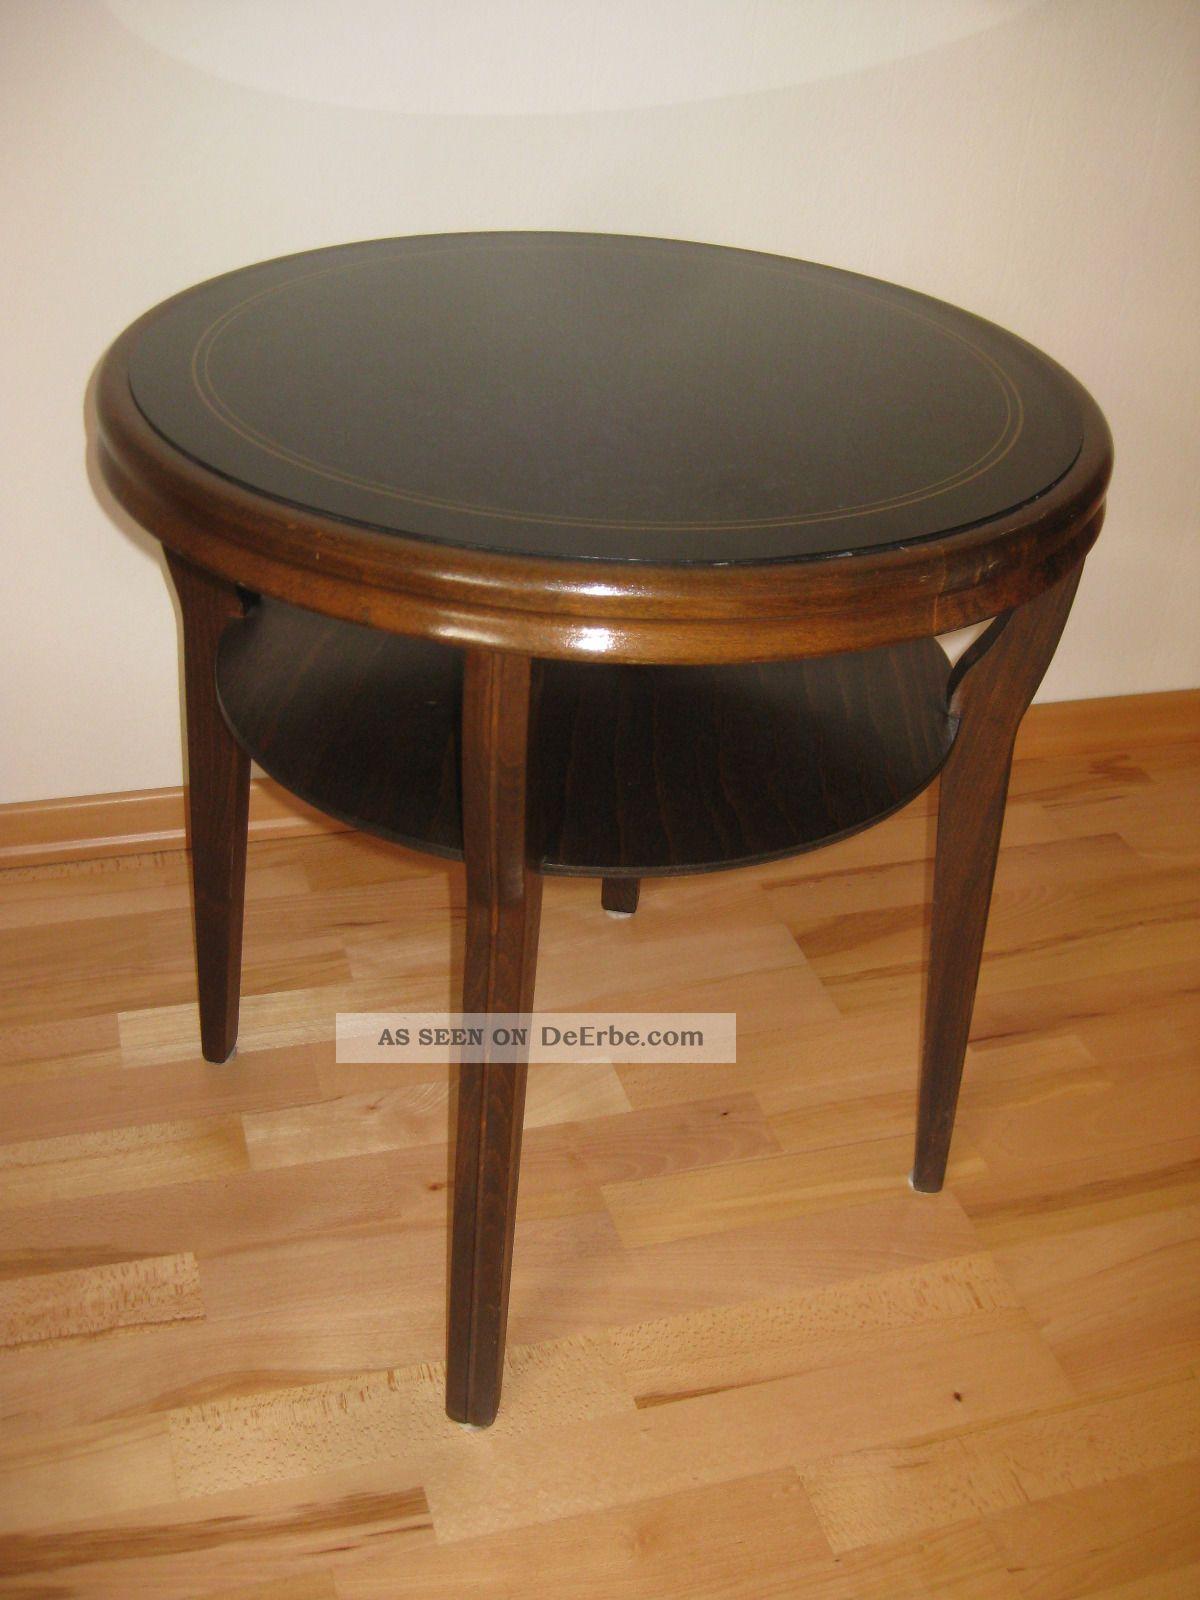 runder tisch rauchtisch beistelltisch ilse m bel 50er jahre. Black Bedroom Furniture Sets. Home Design Ideas